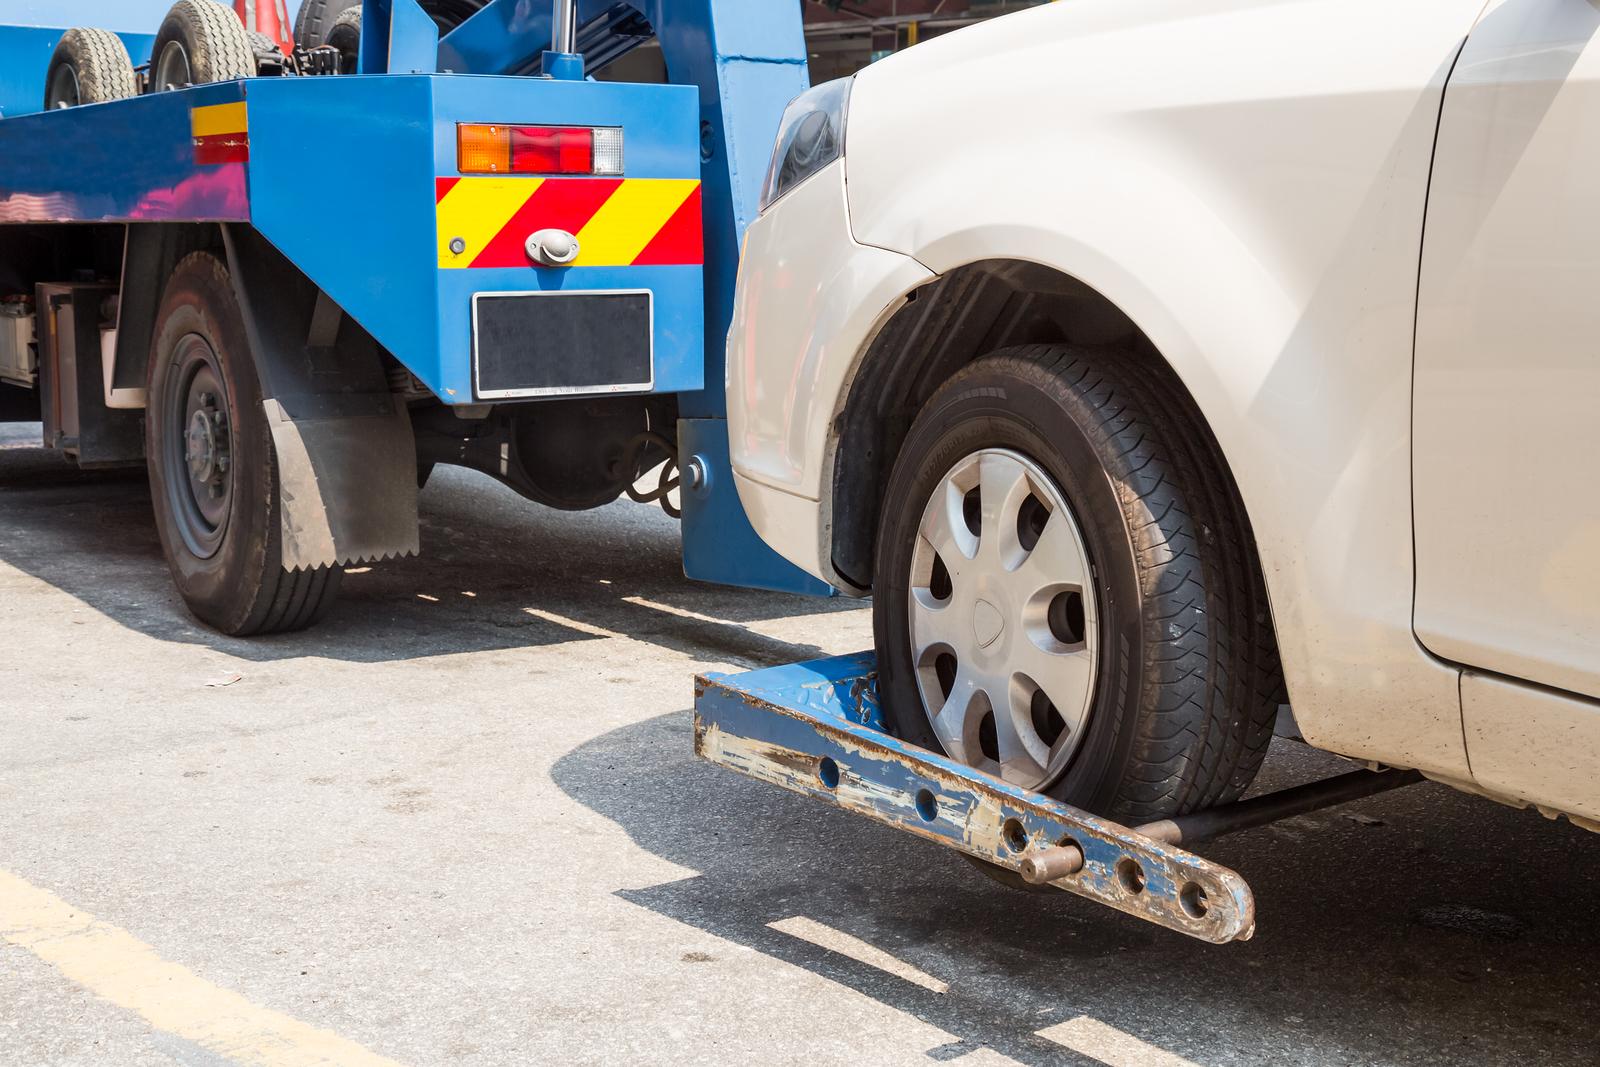 Tow Truck Towing a Broken